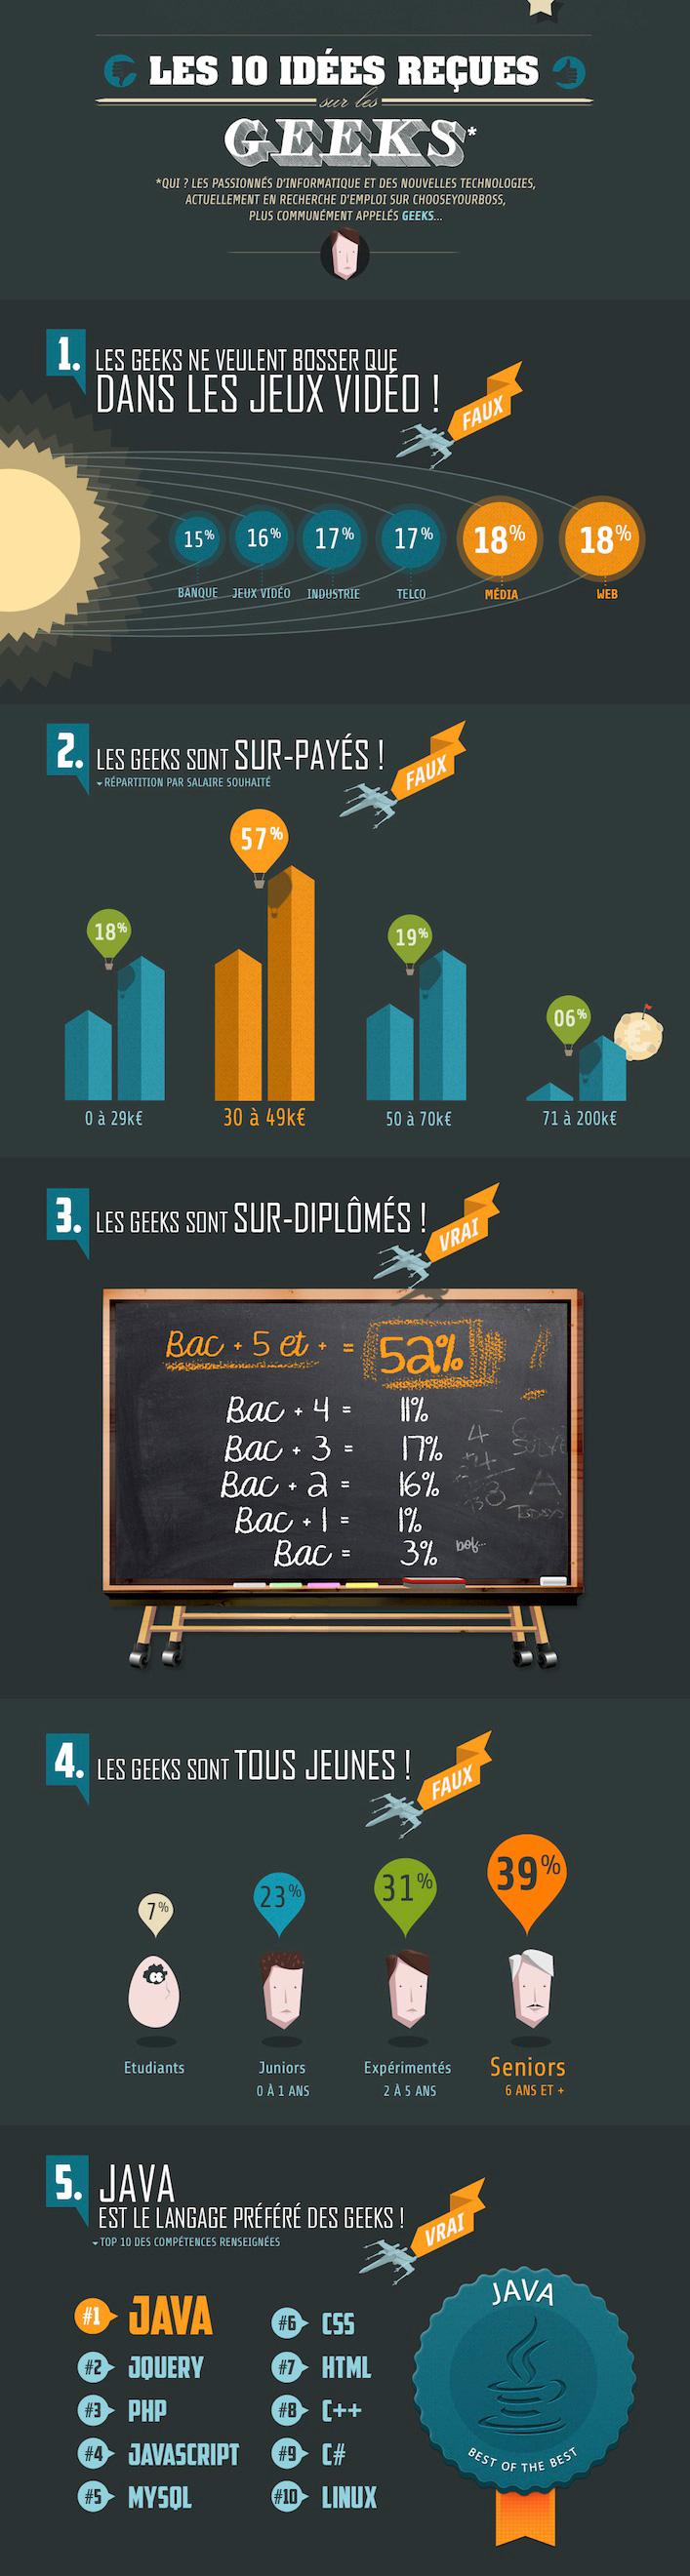 une infographie sur les st u00e9r u00e9otypes  u00e0 propos des geeks